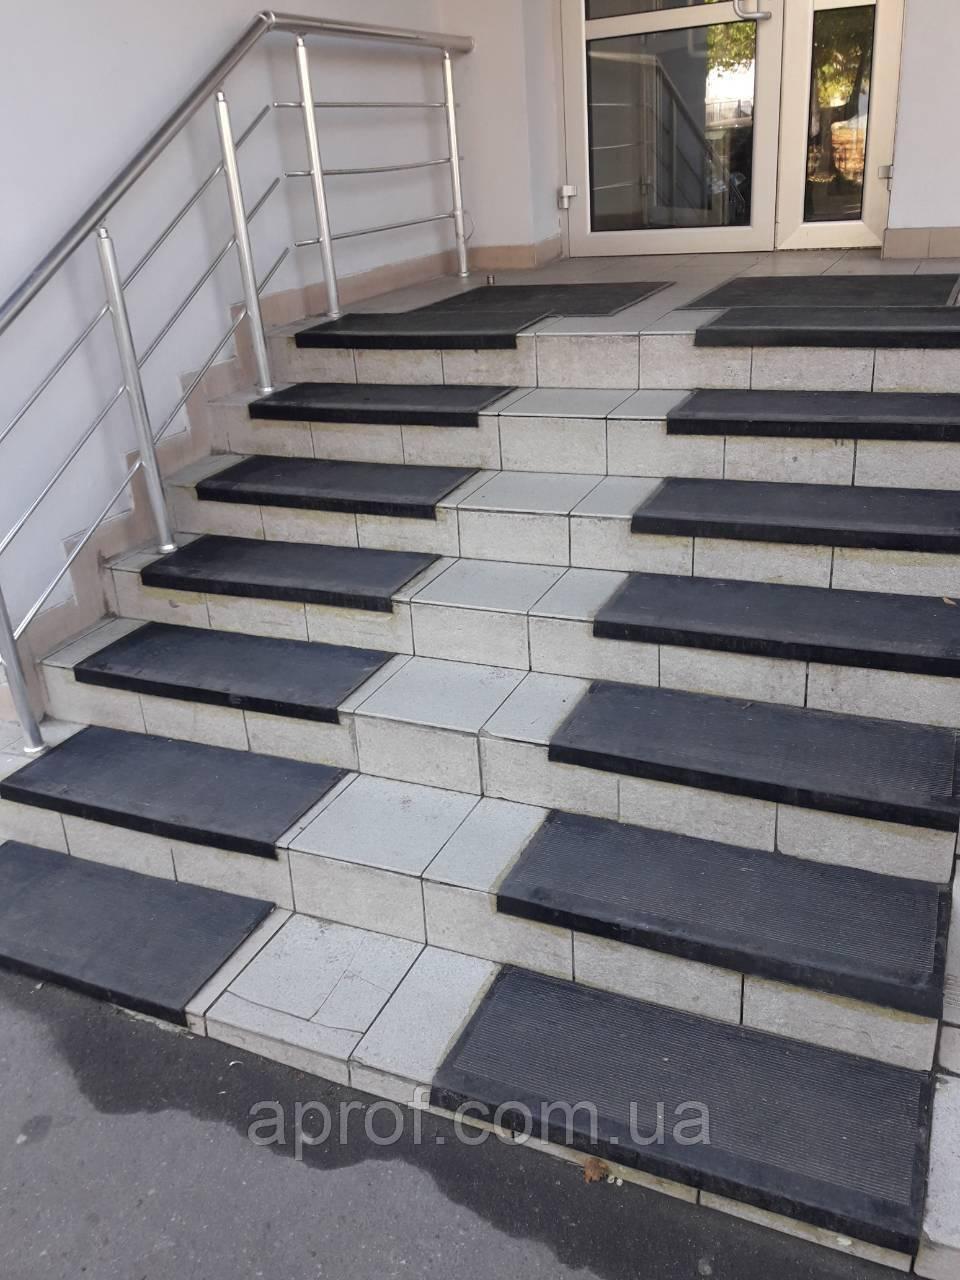 Антискользящие бетоны бетон рваный камень